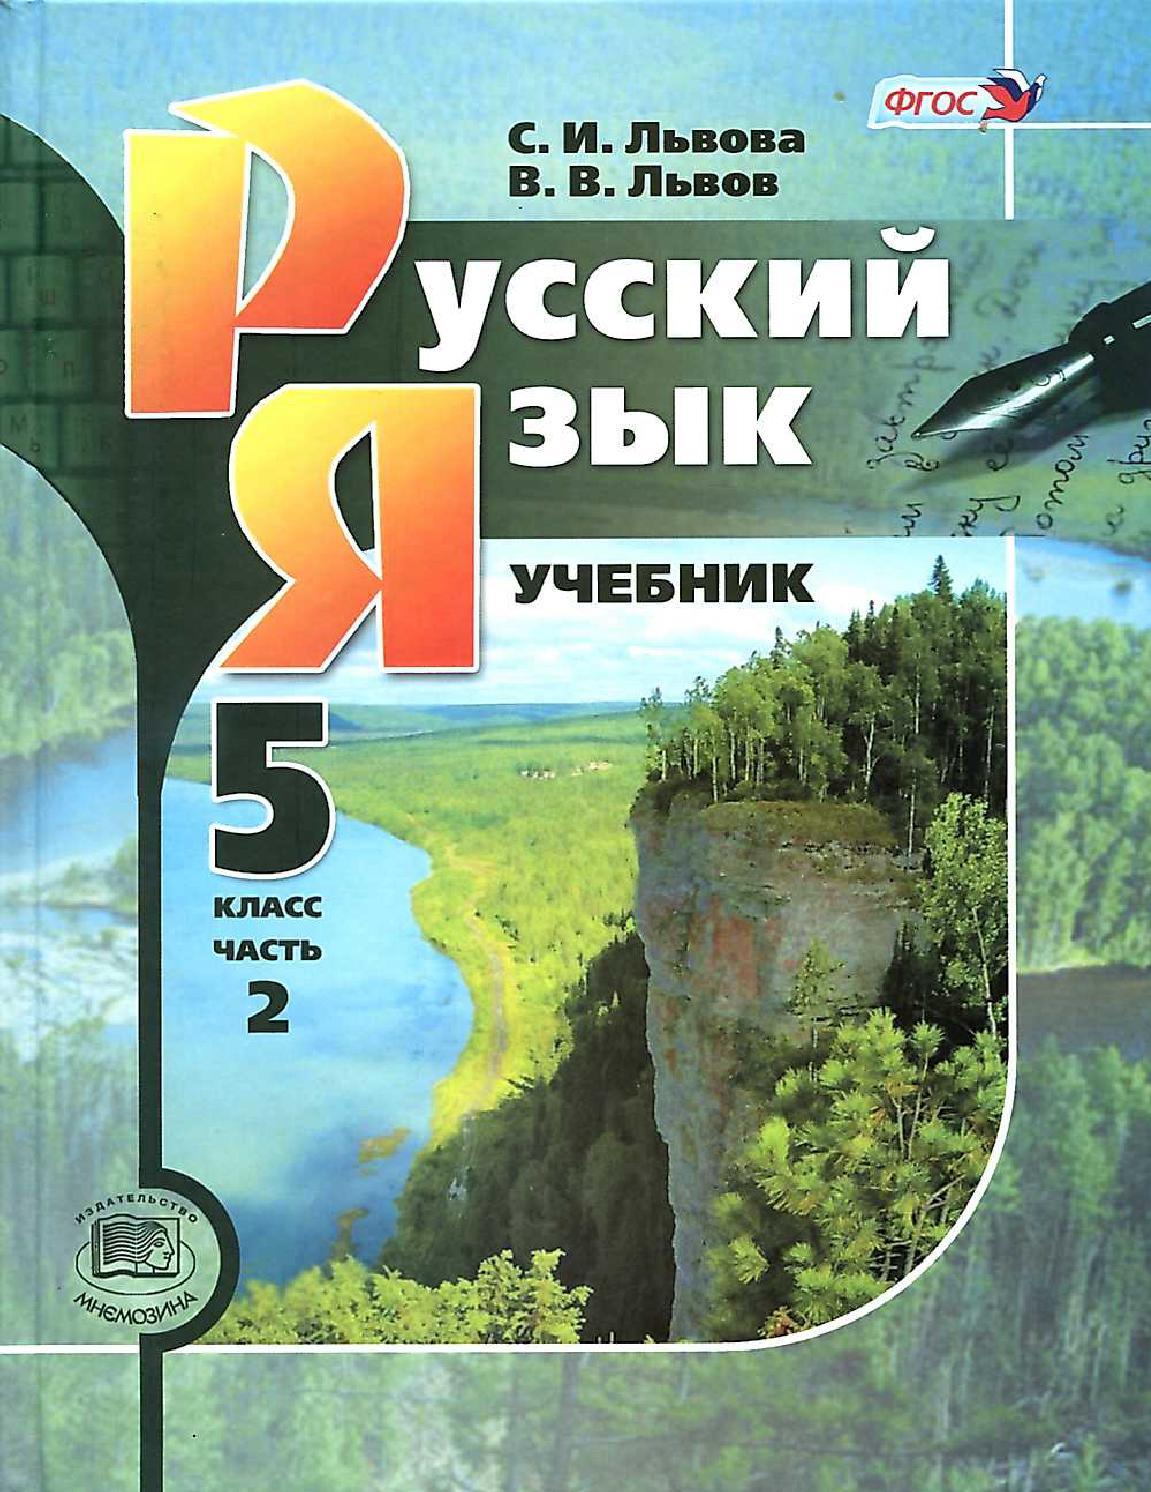 гдз по русскому языку 5 класс учебник львов